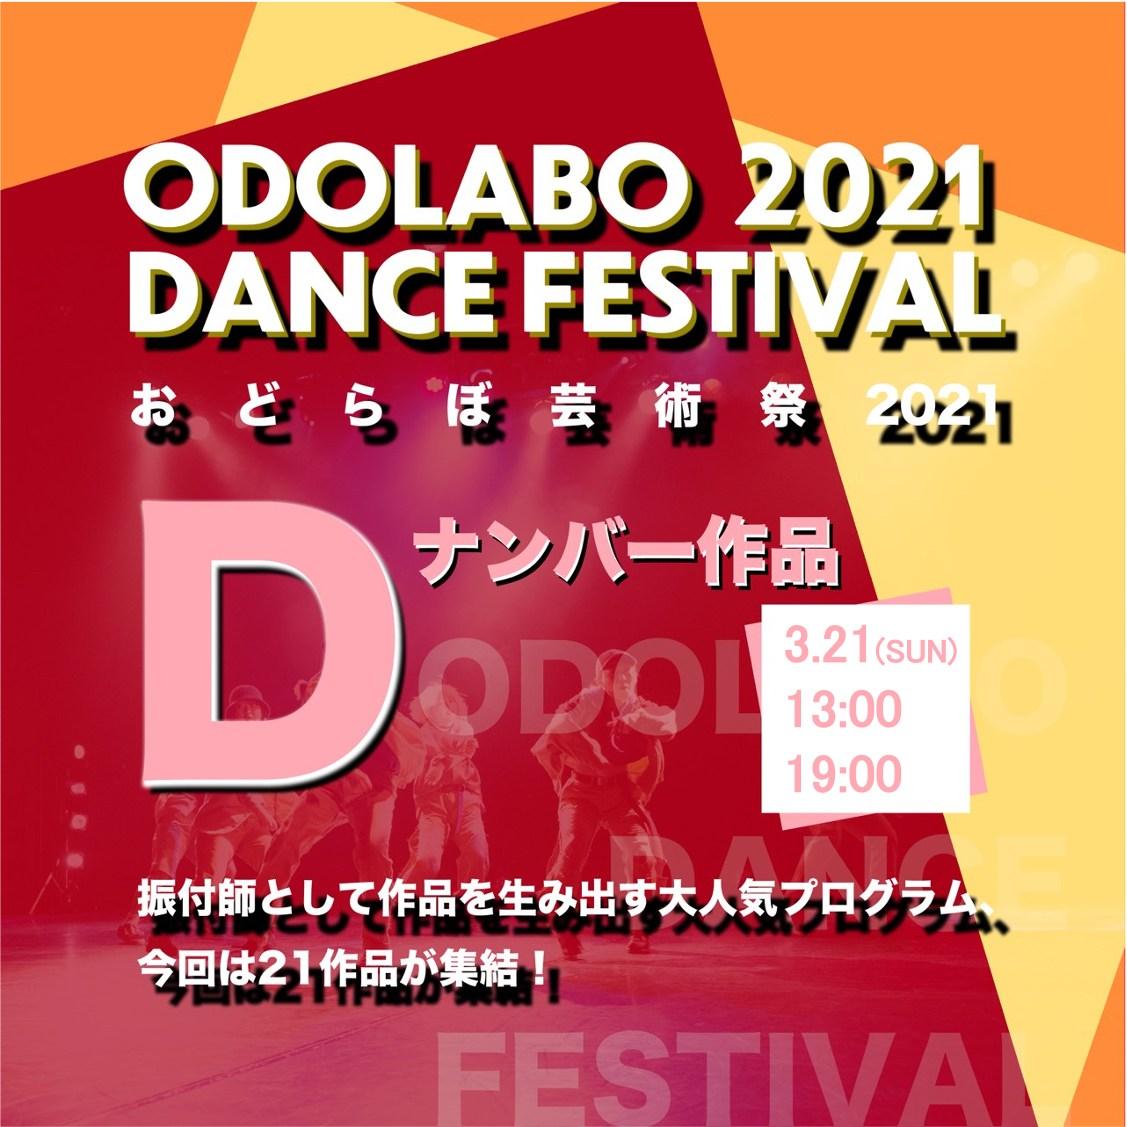 おどらぼ芸術祭2021 3/21(SUN) Dプログラム「ナンバー作品」